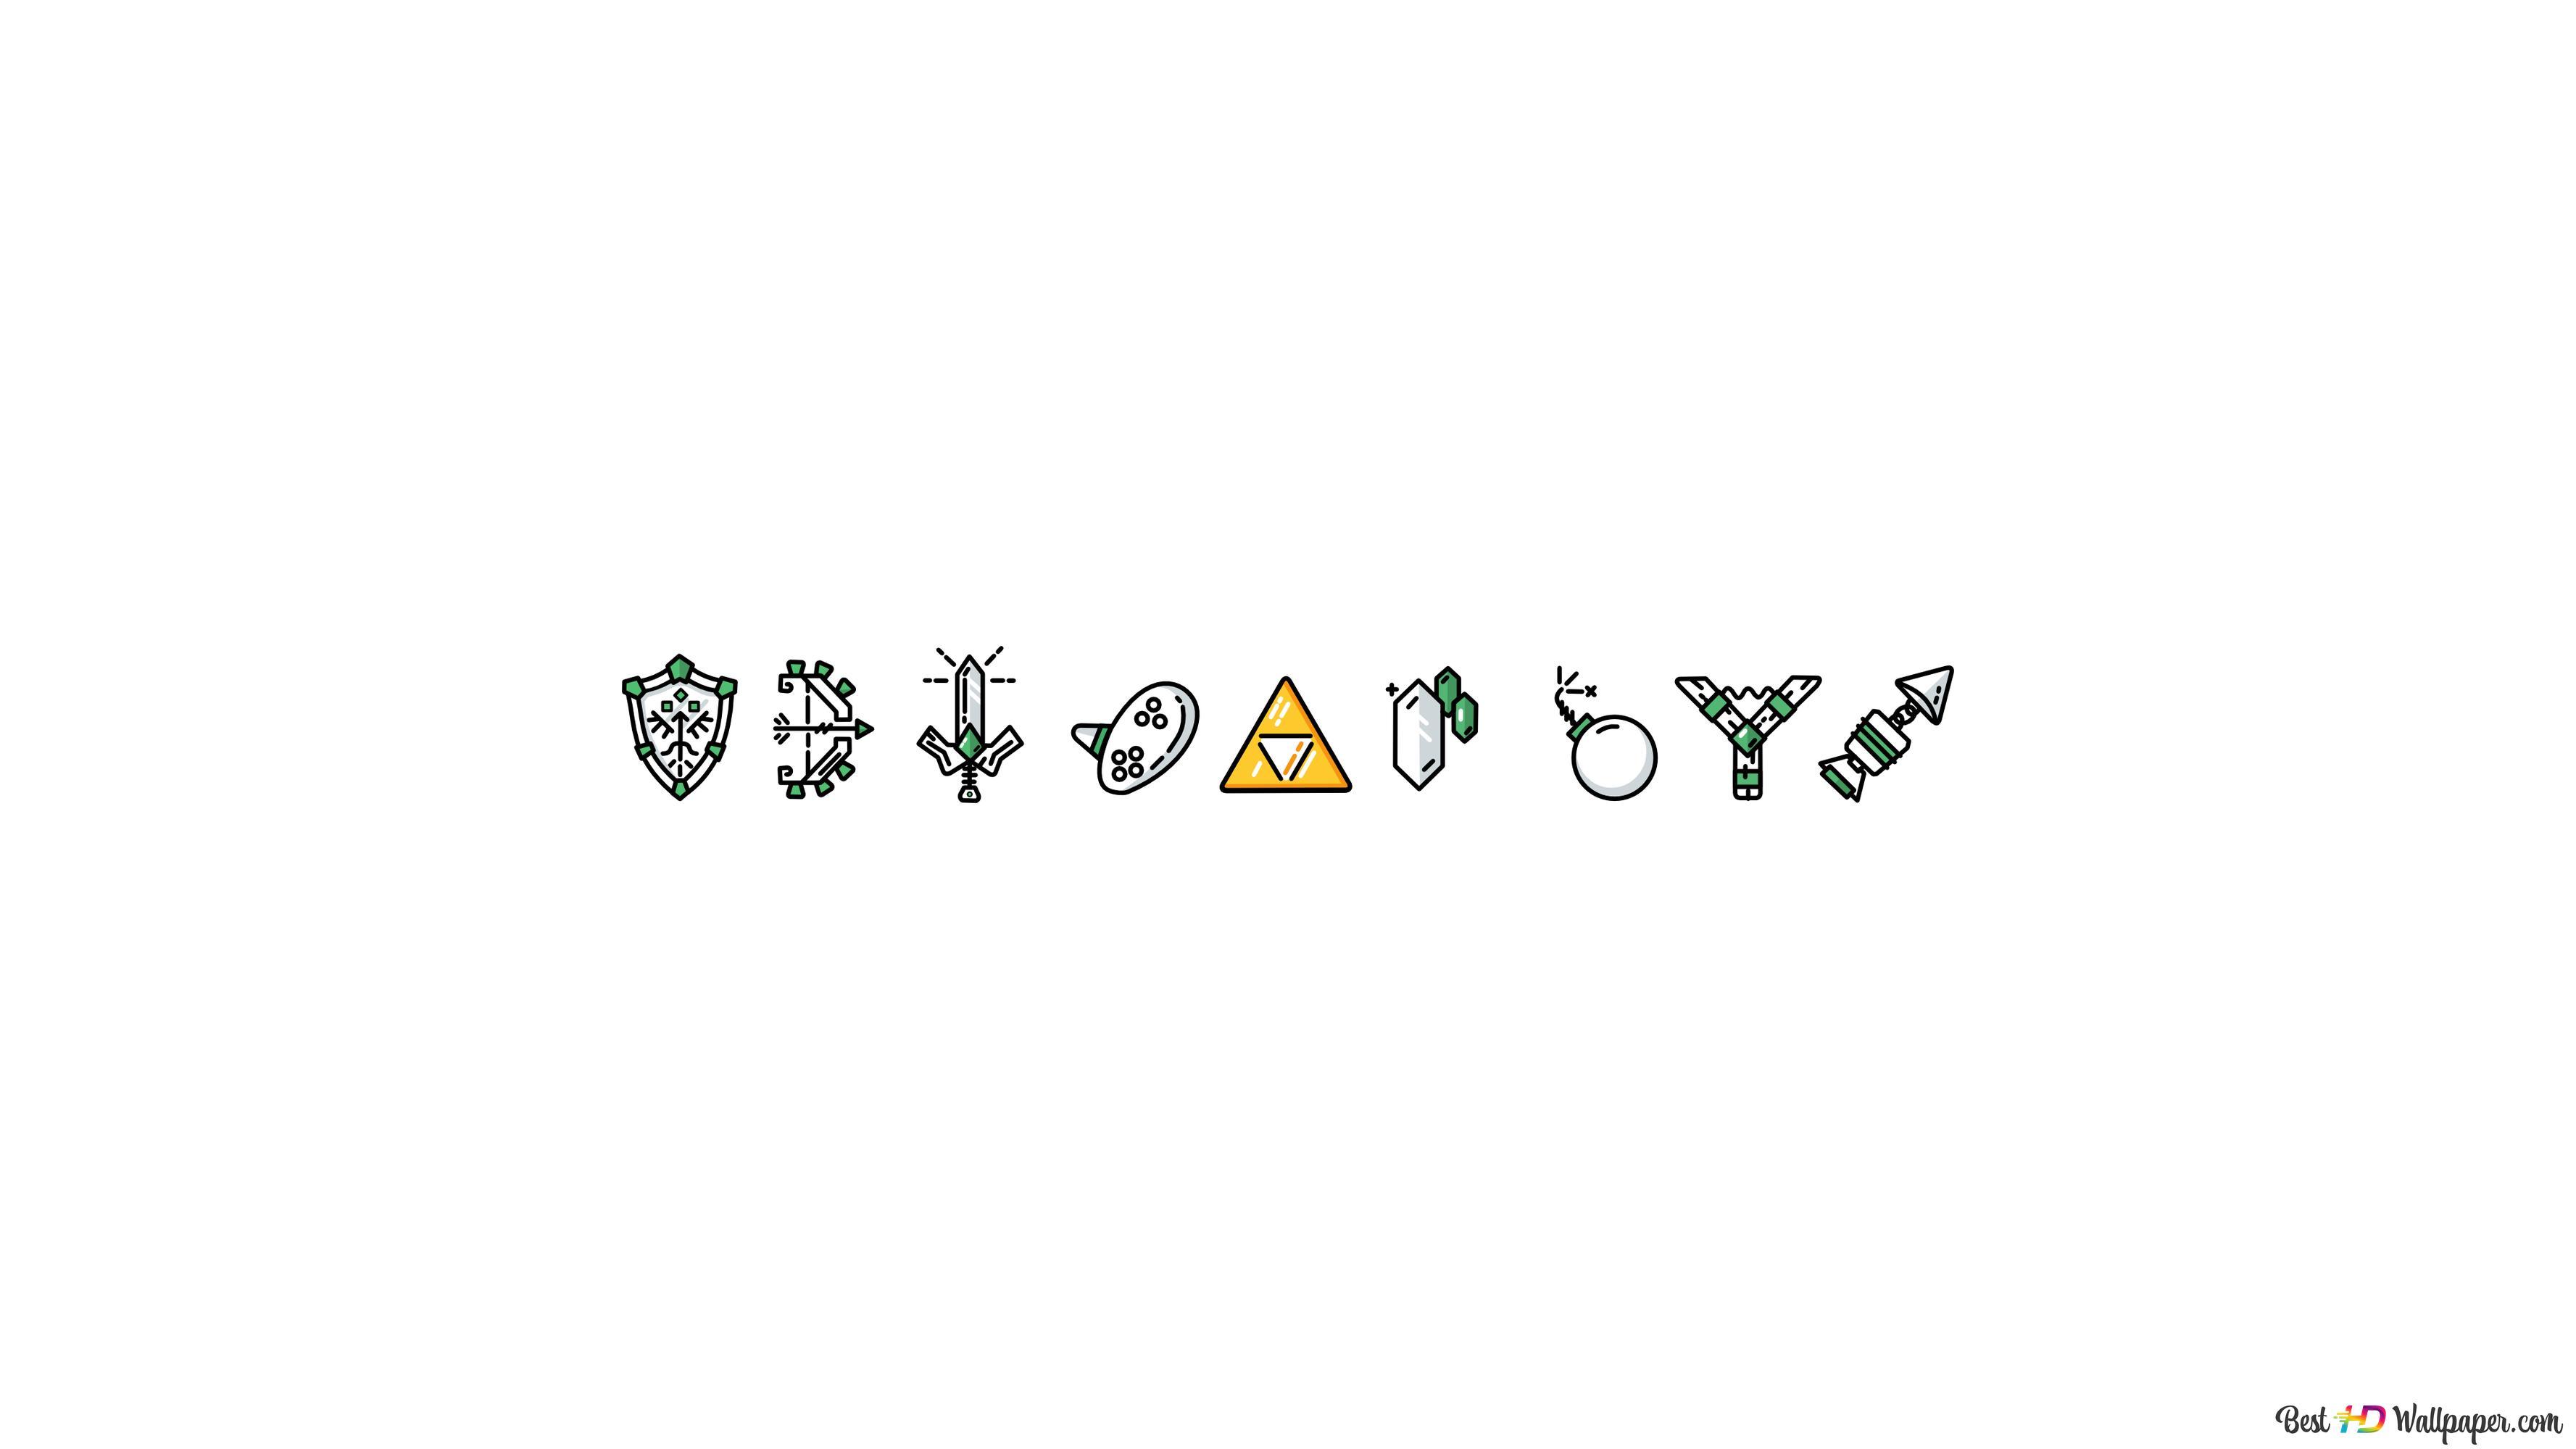 The Legend Of Zelda Minimal Hd Wallpaper Download